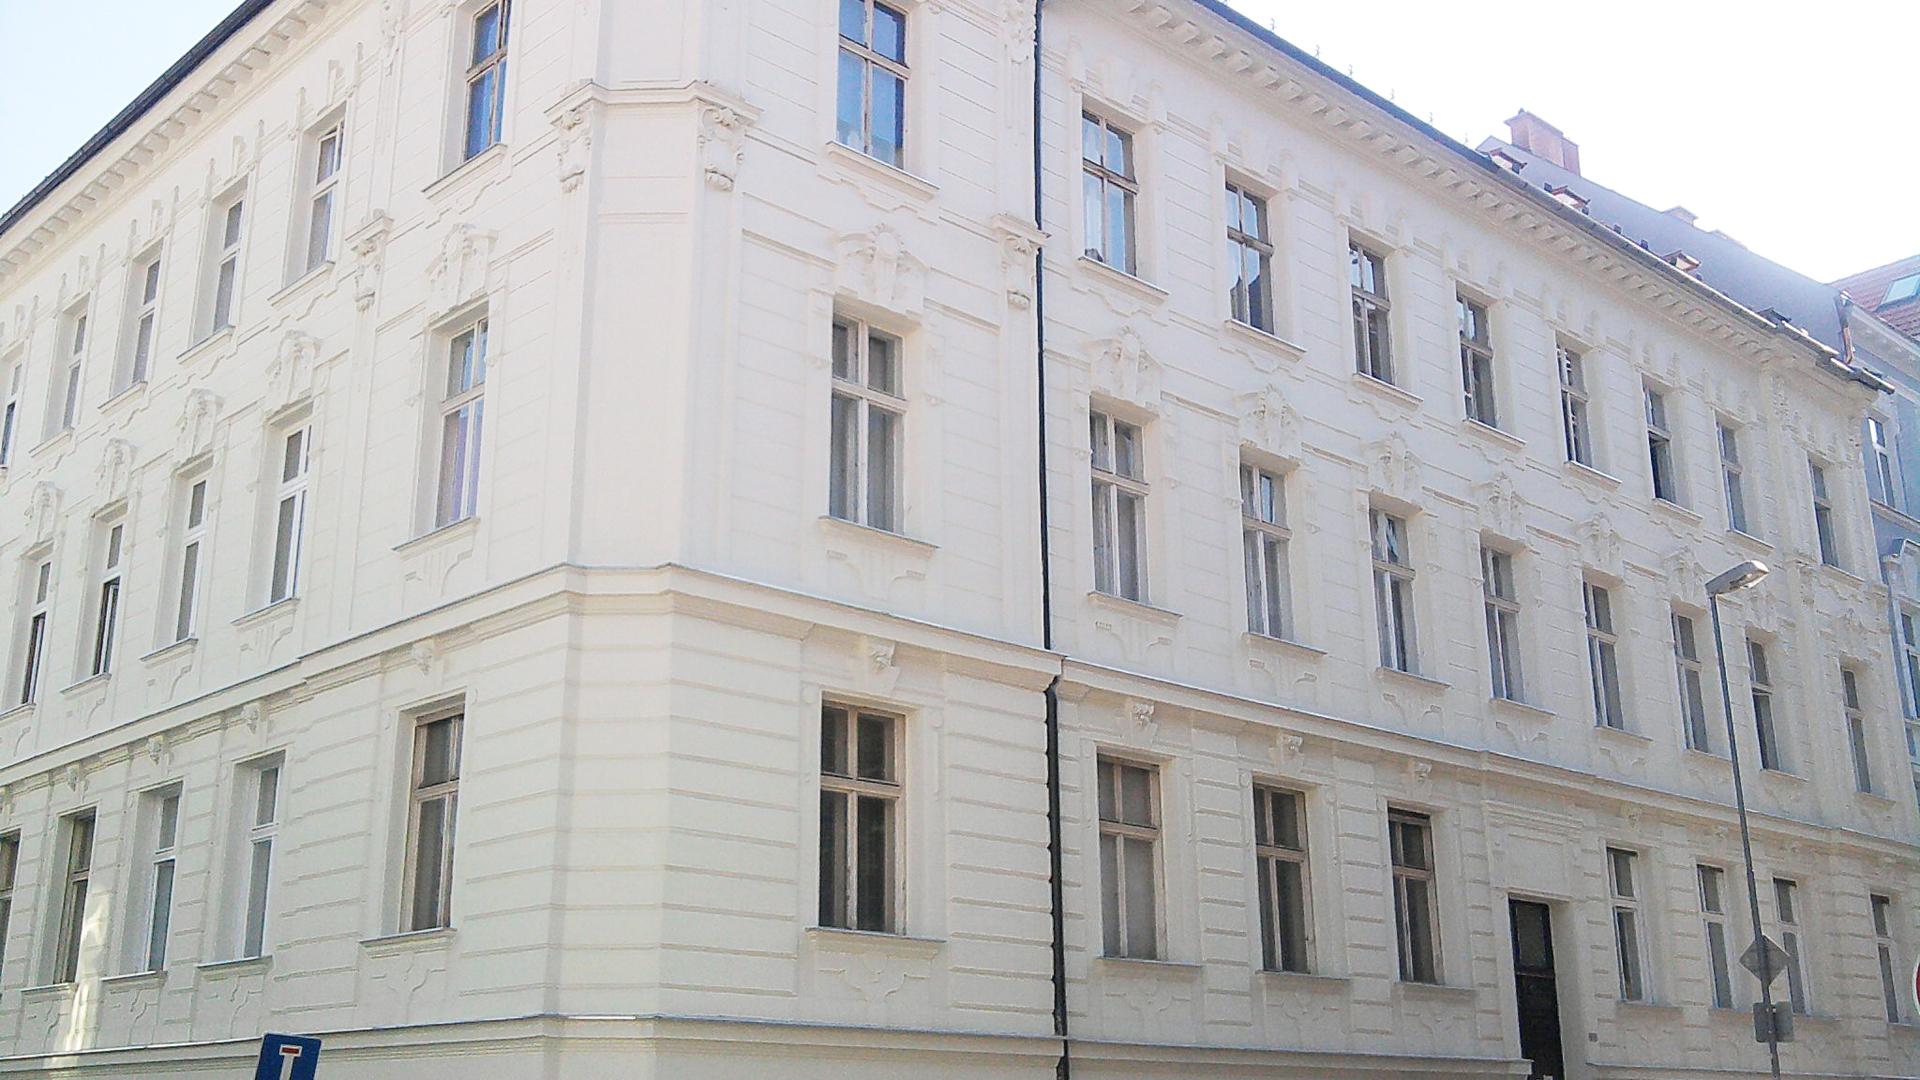 4 izbový byt, Bratislava Staré Mesto – PREDANÉ